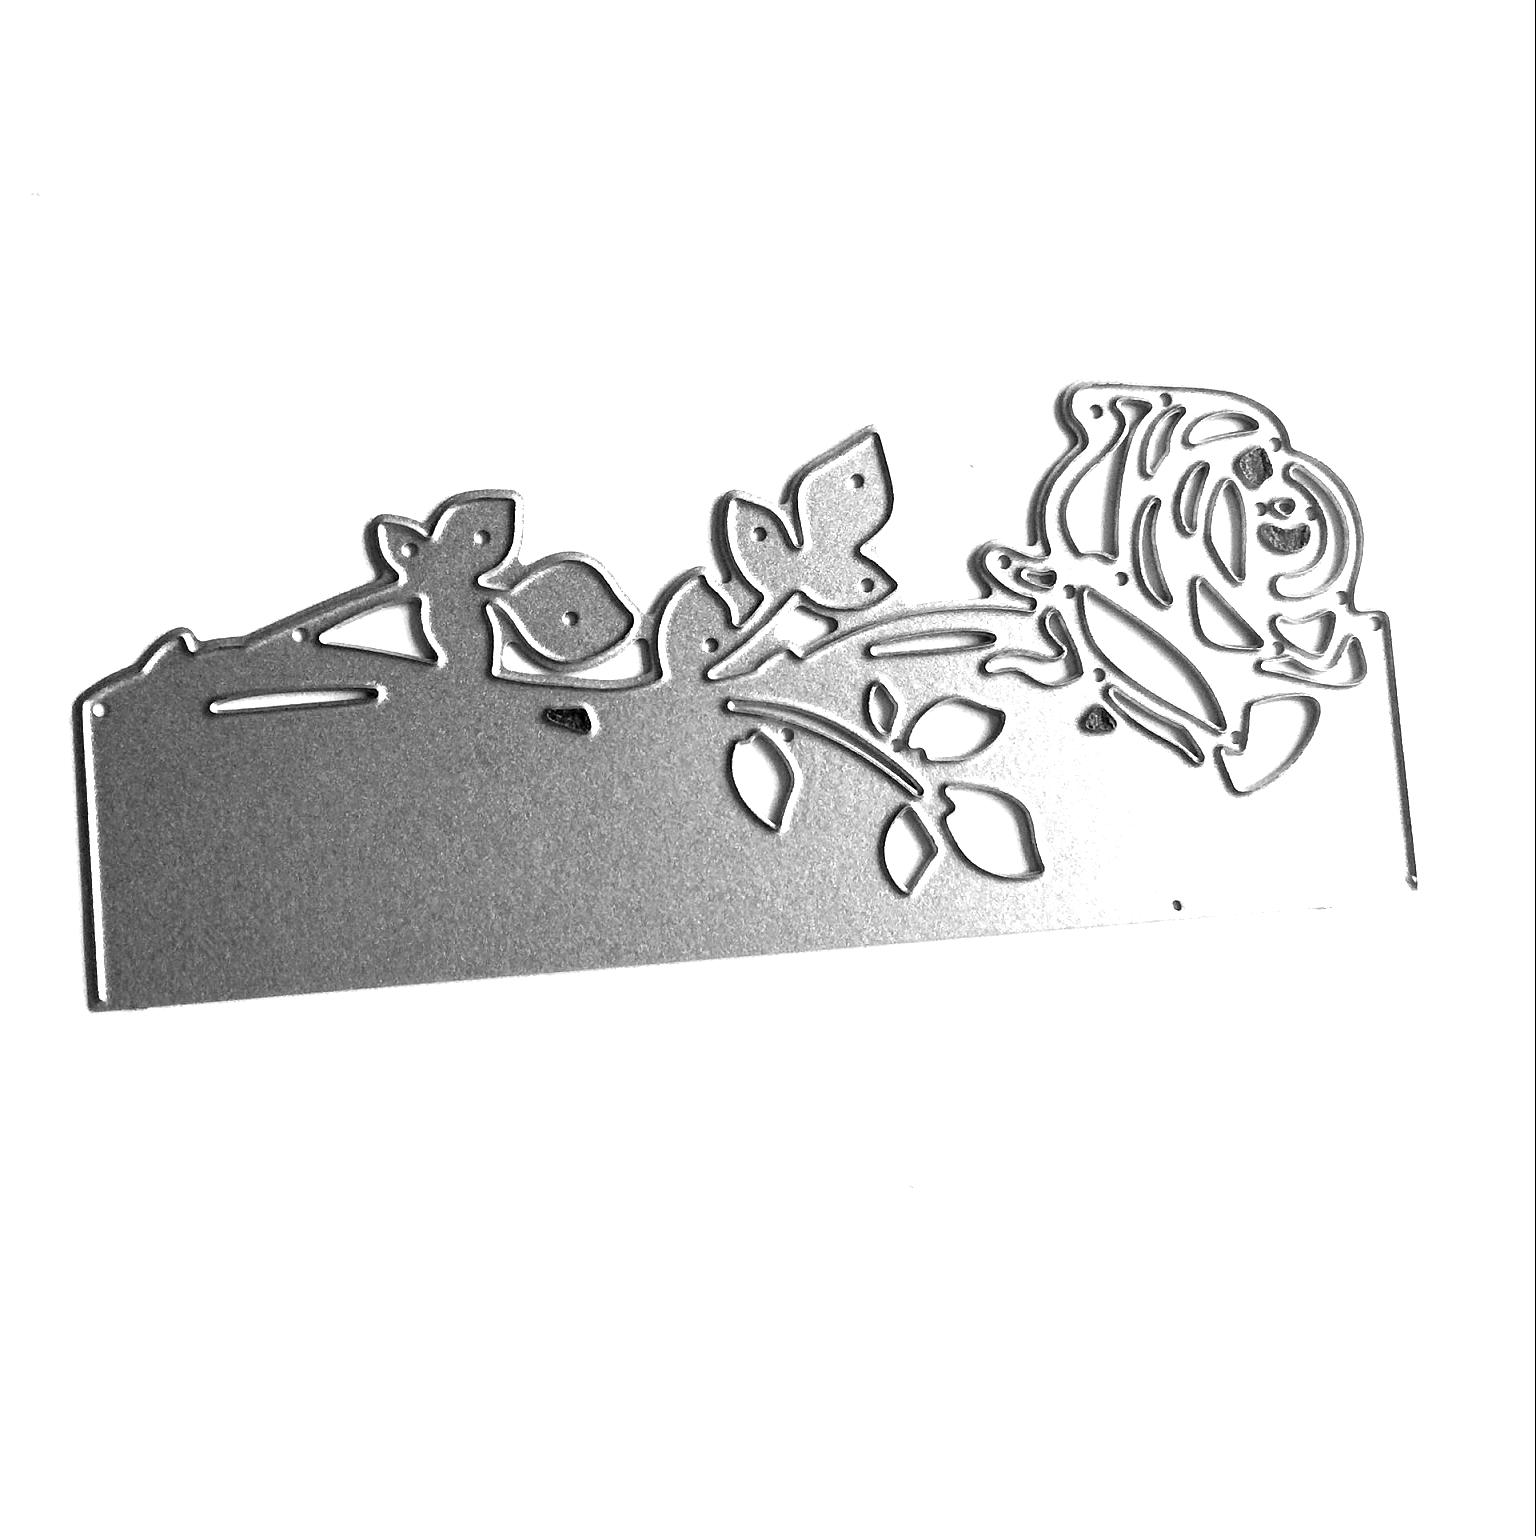 8 IN 1 Metal Leaves Cutting Dies Cut Stencils DIY Scrapbooking Albums Embossing